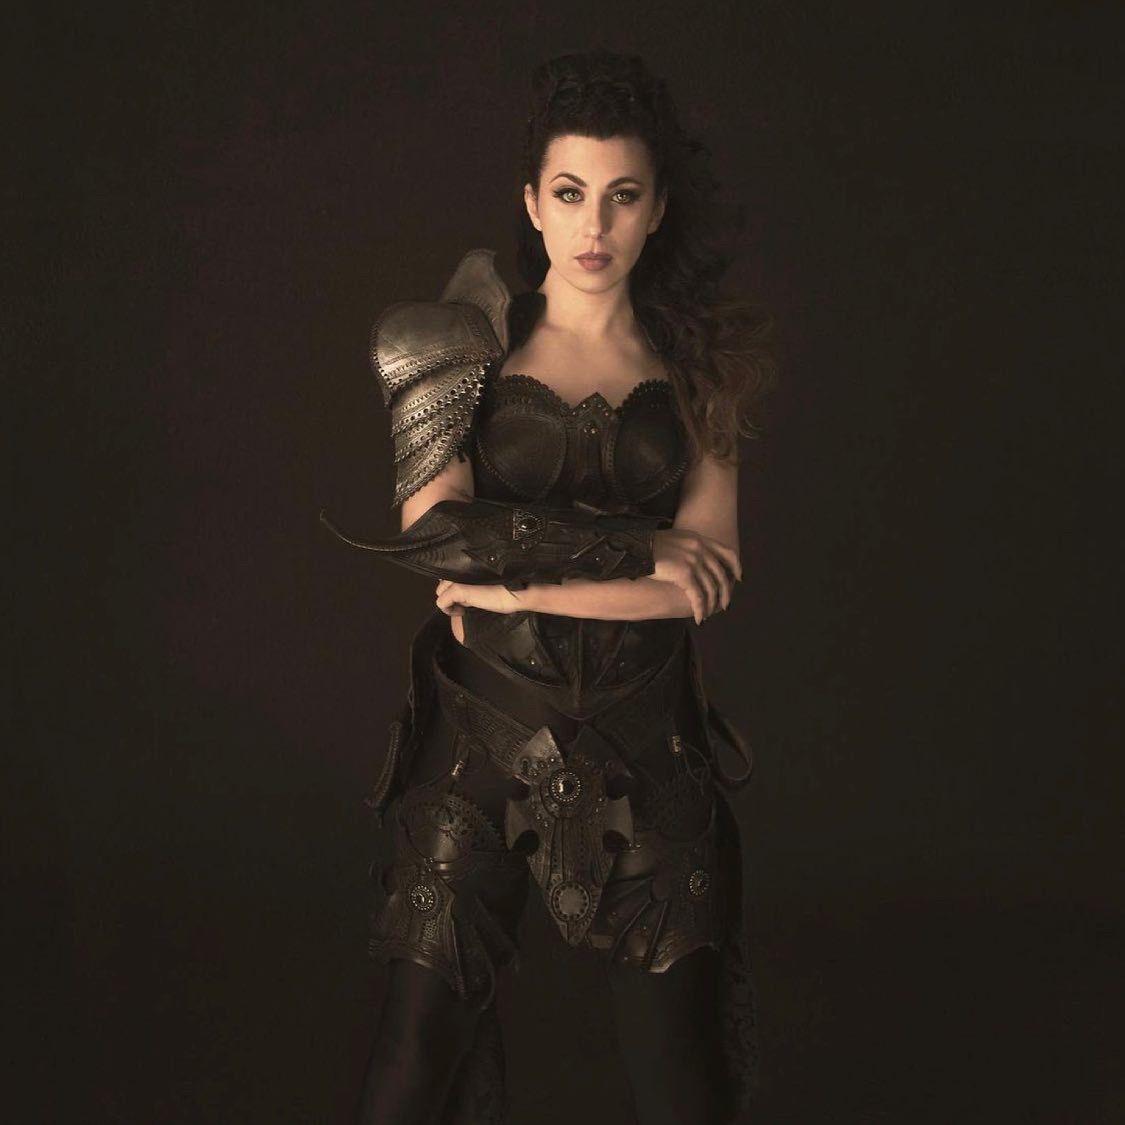 Melissa marcello, la guerriera, autoritratto (2021)